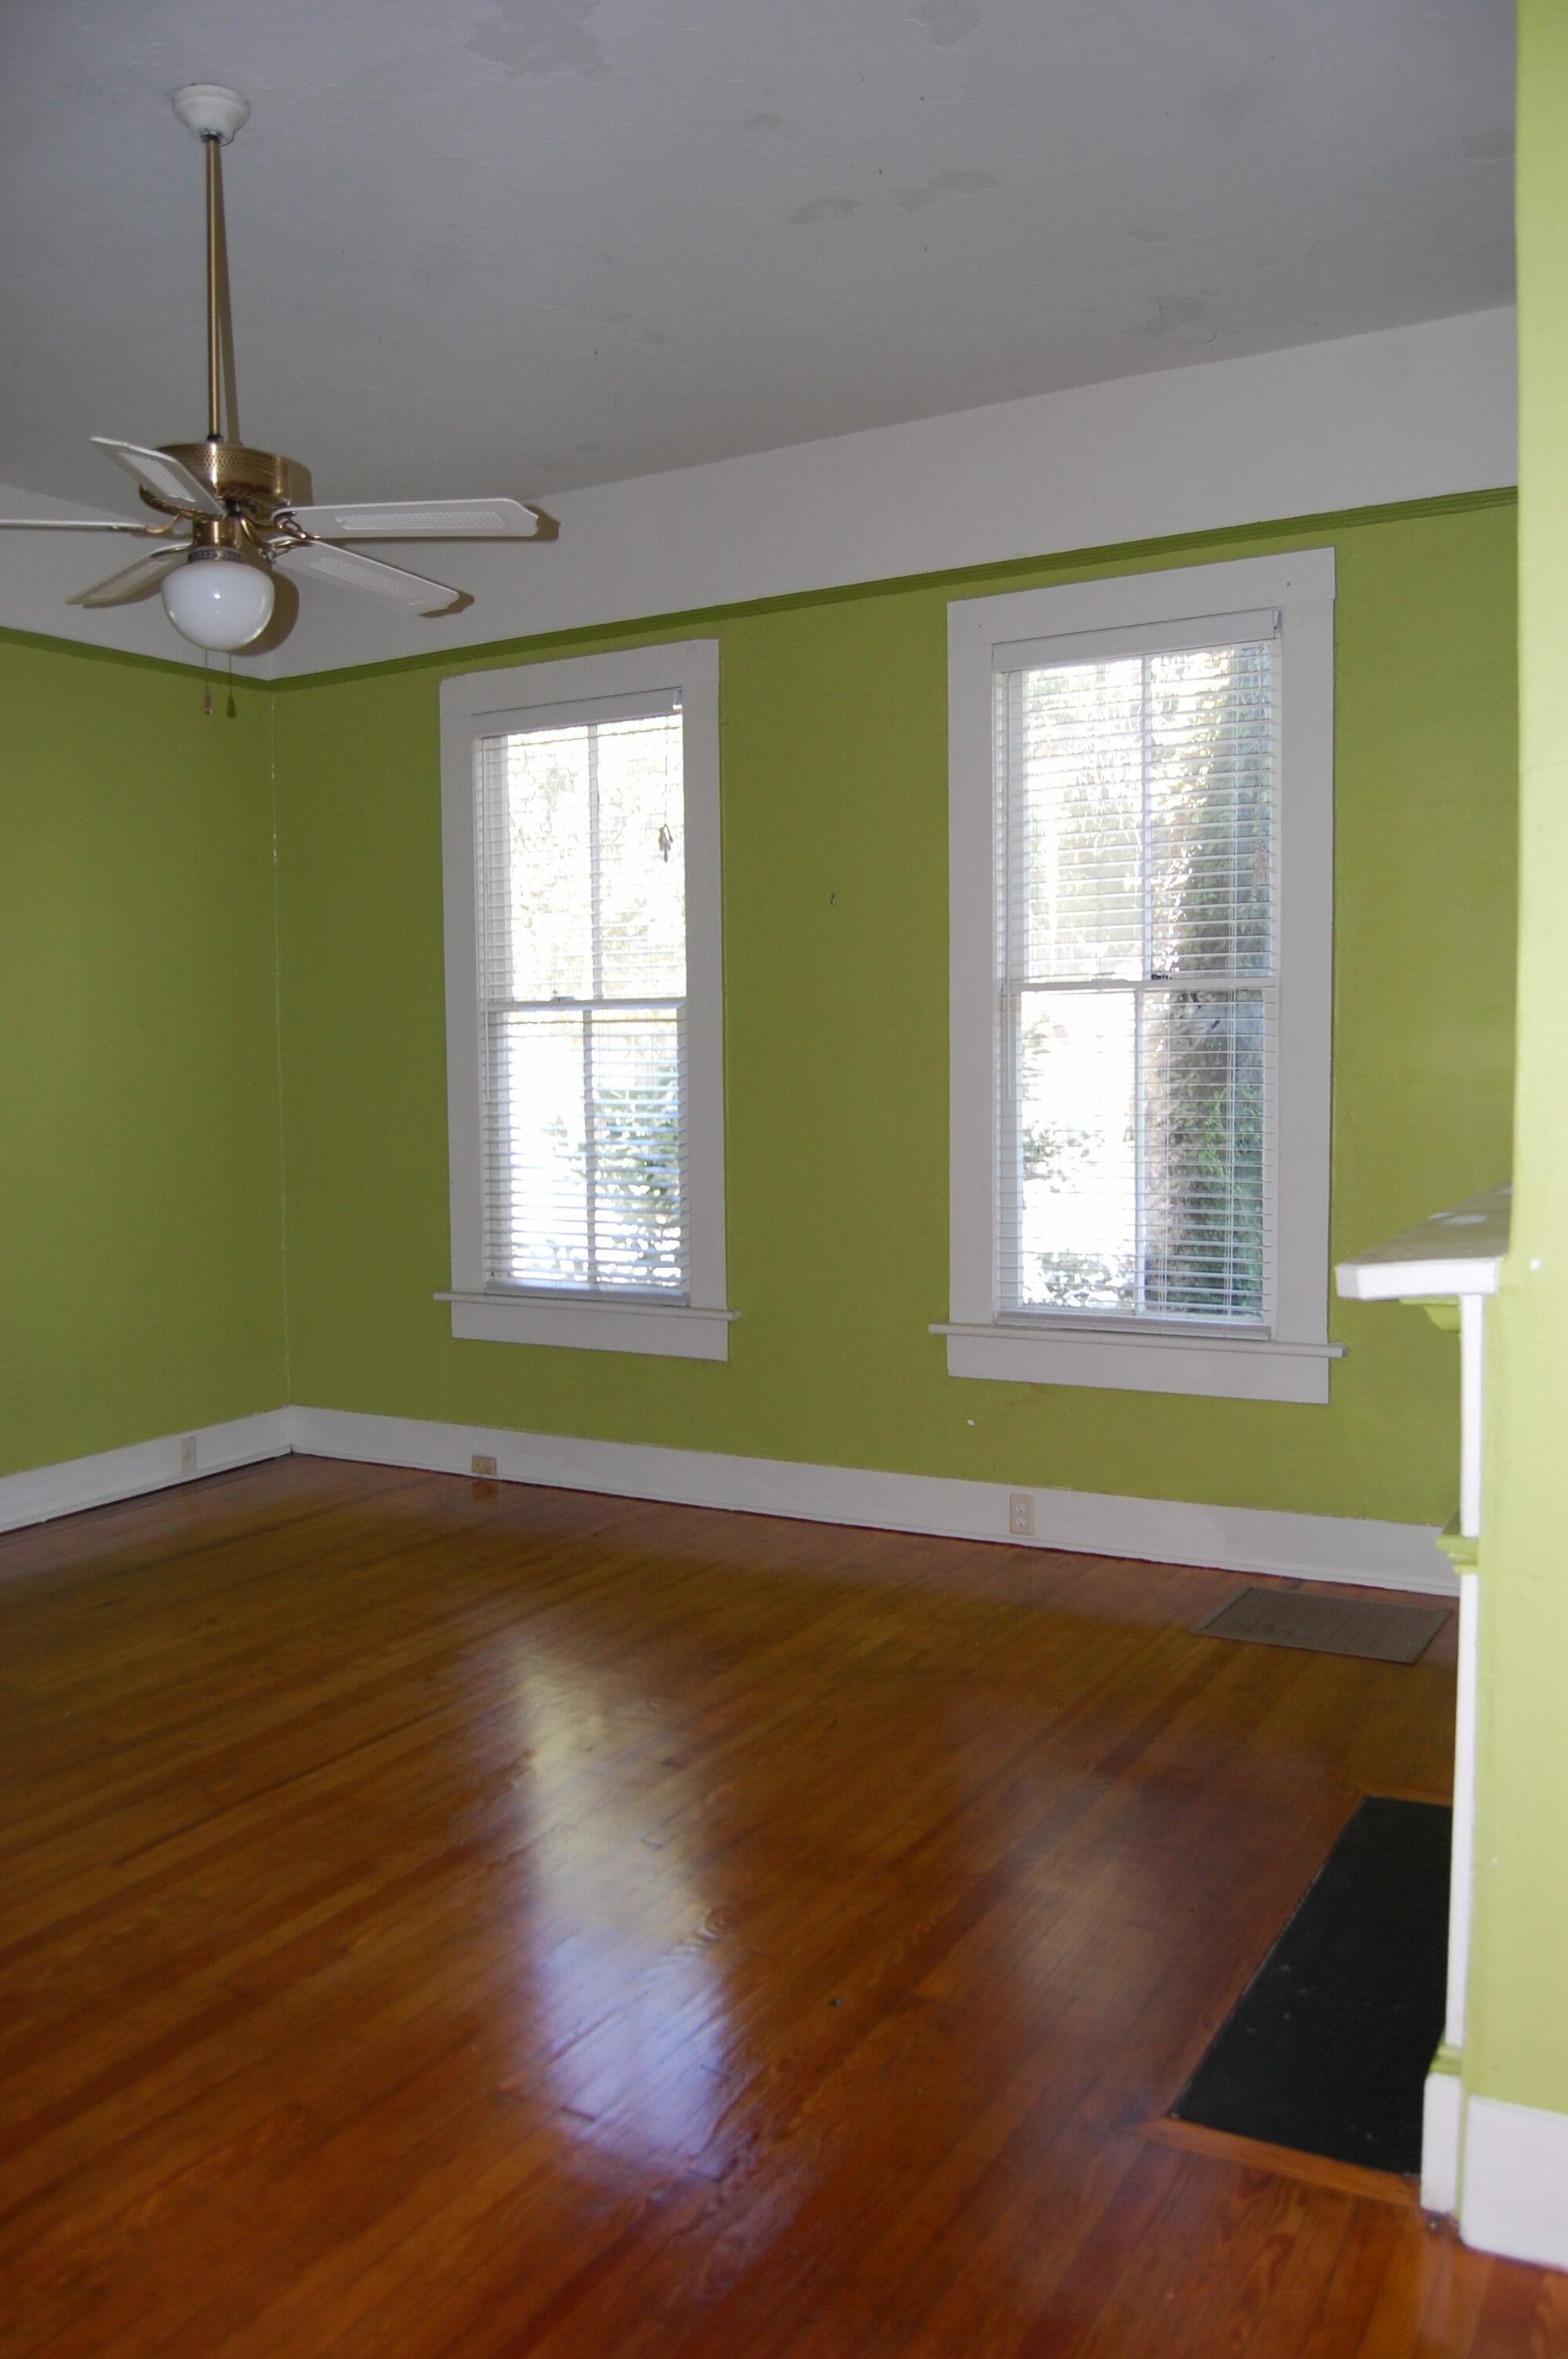 6 - Backroom